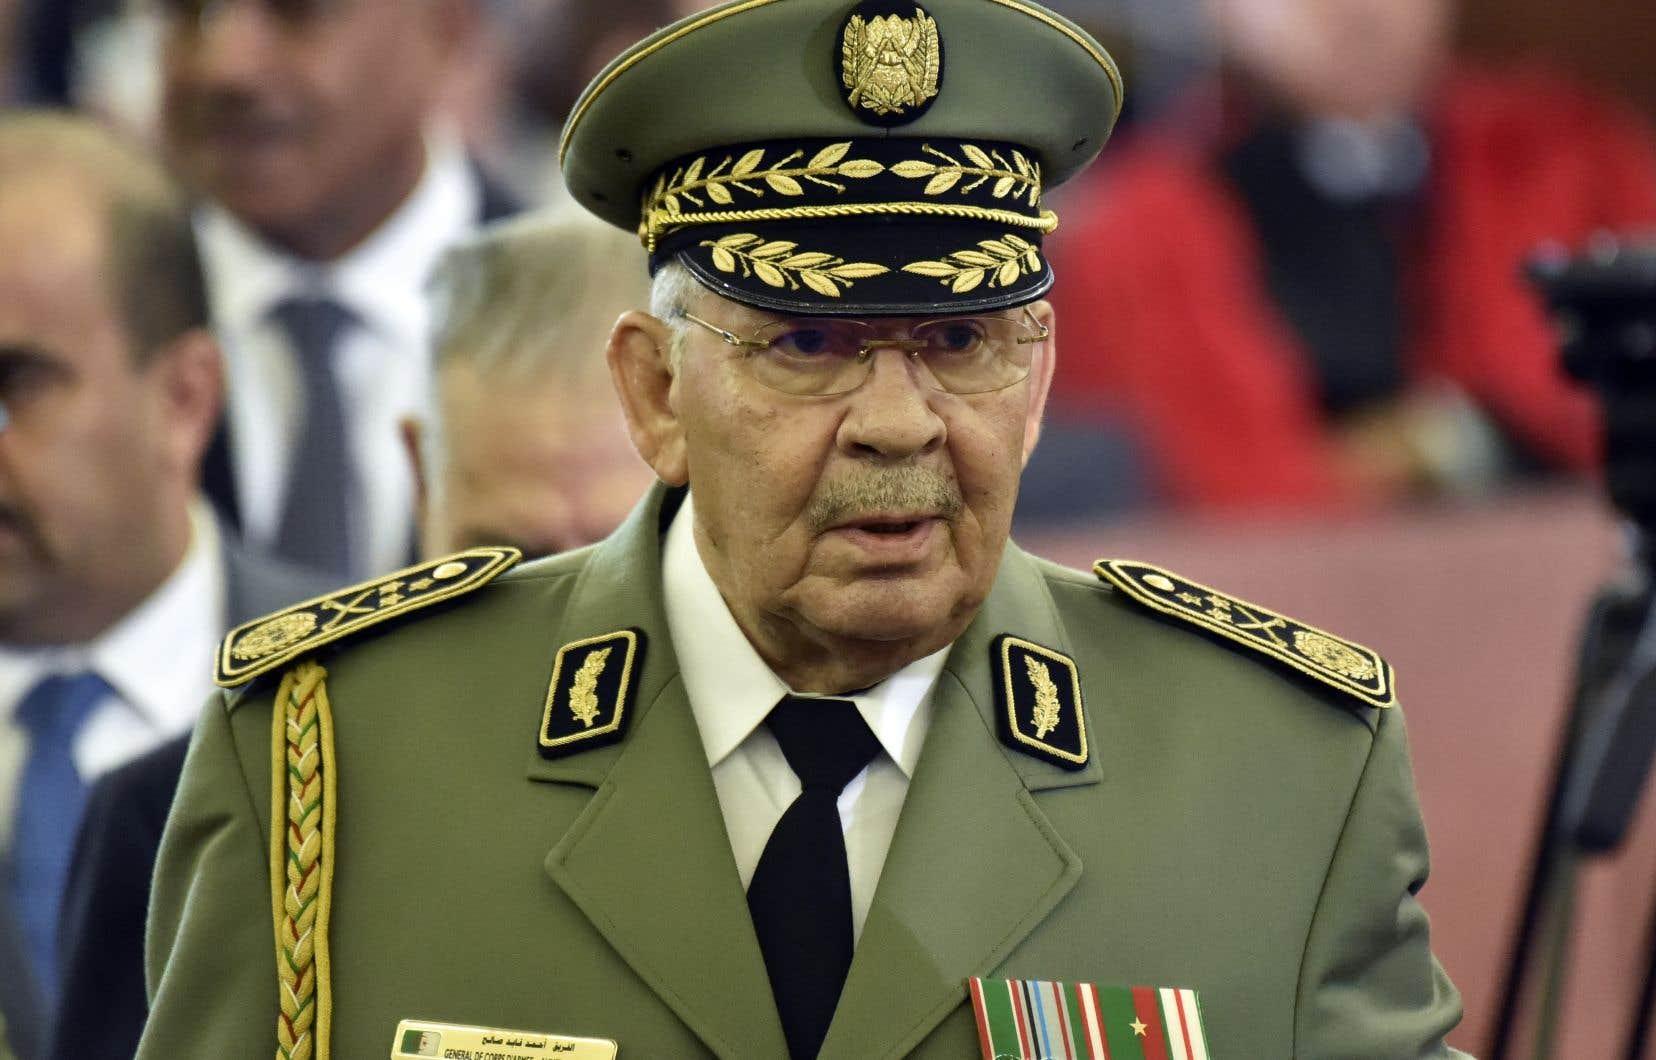 Visage du haut commandement militaire algérien, le général Ahmed Gaïd Salah est décédé lundi d'une crise cardiaque, quatre jours après sa dernière apparition publique.